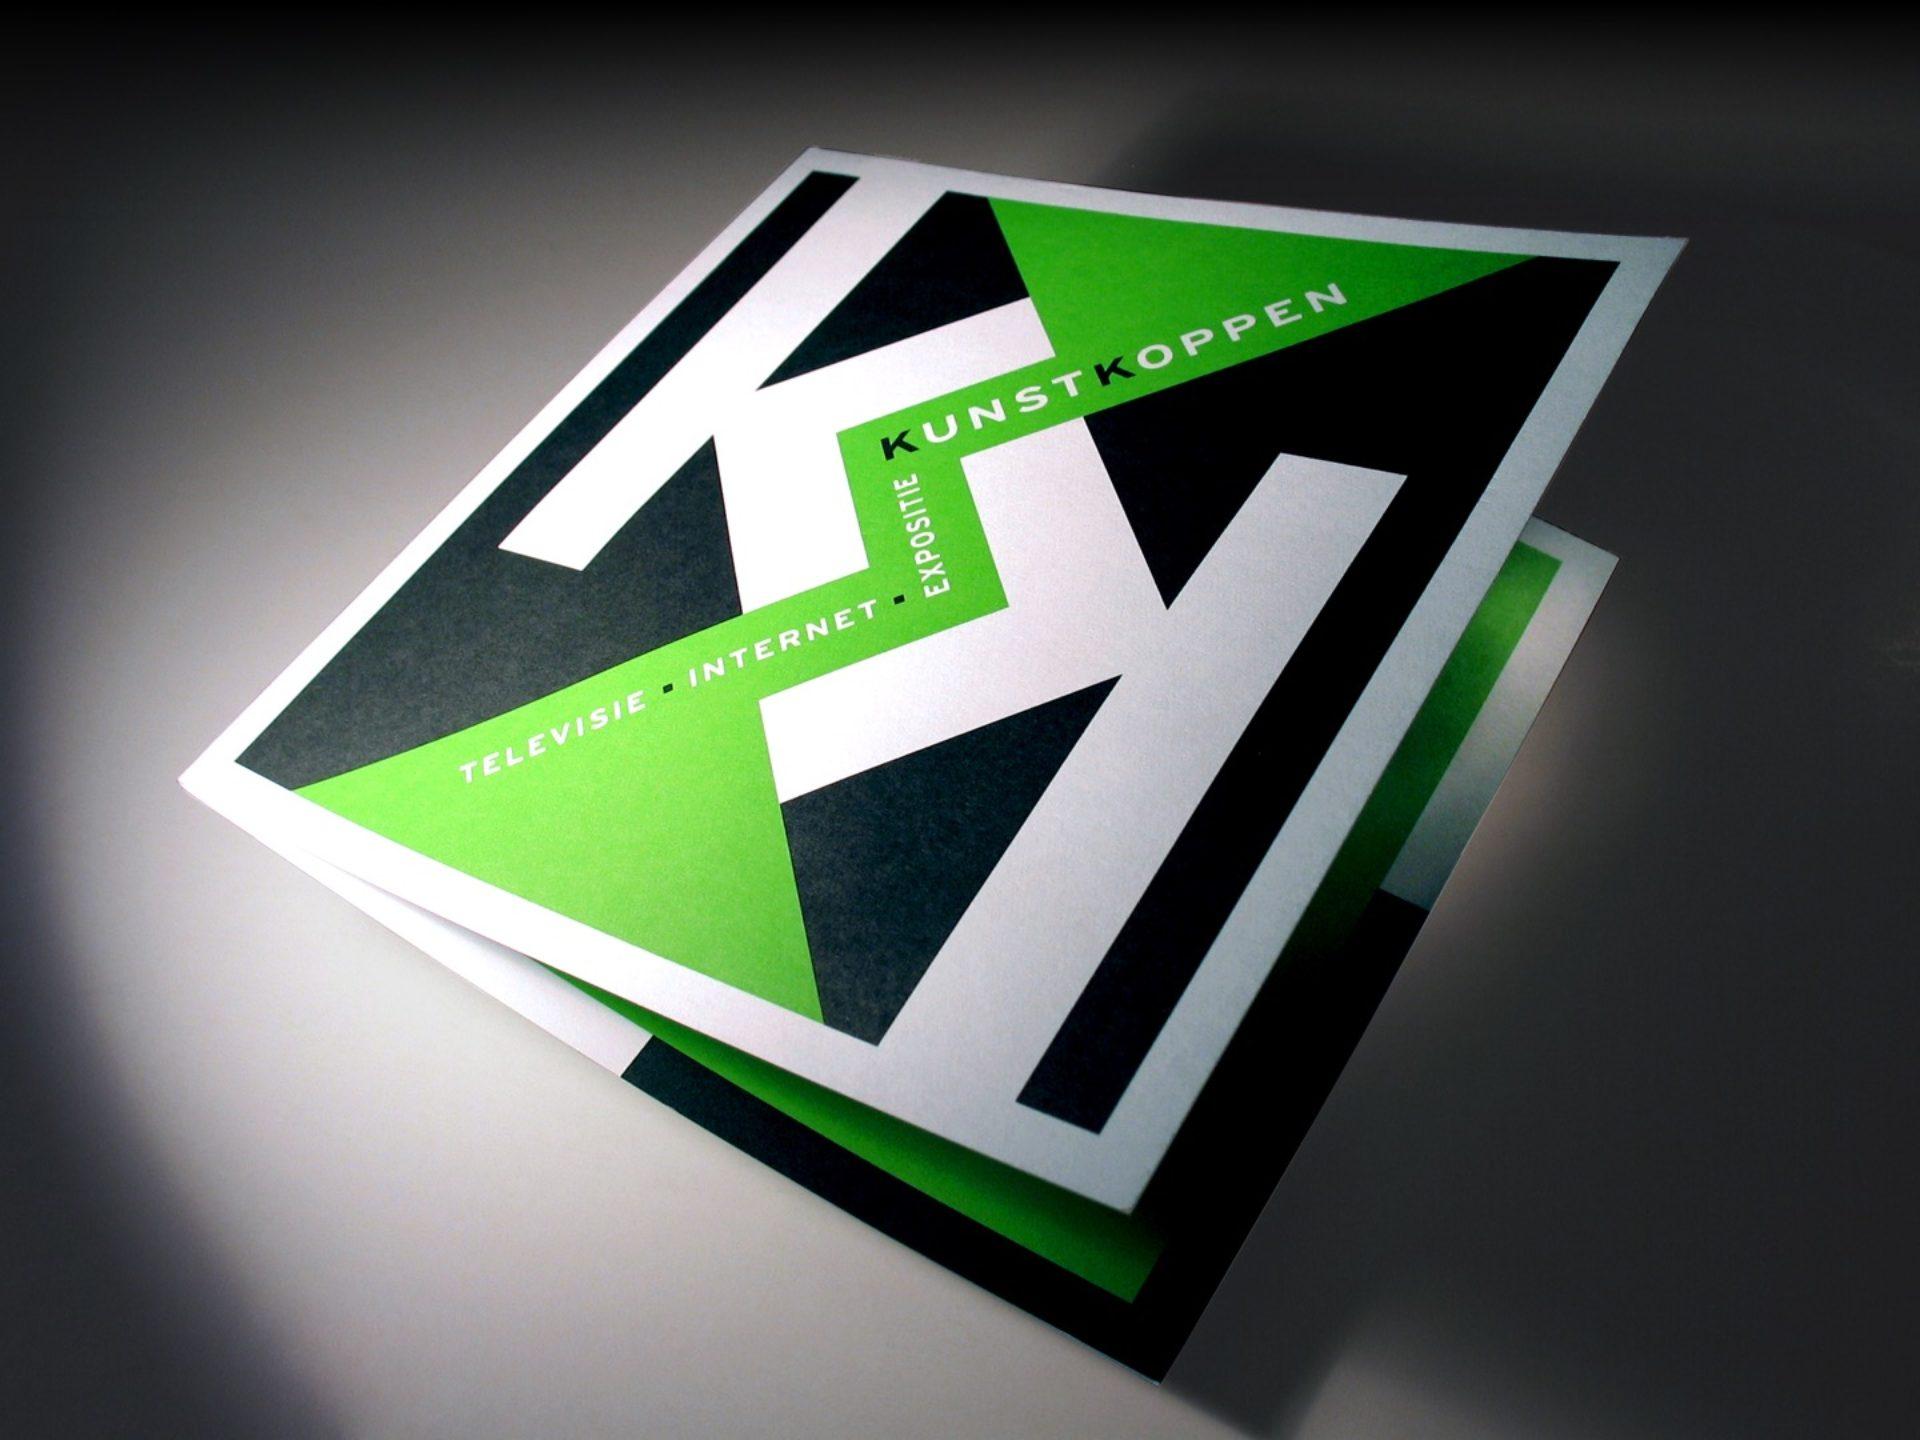 KunstKoppen Banner - Rene Verkaart)